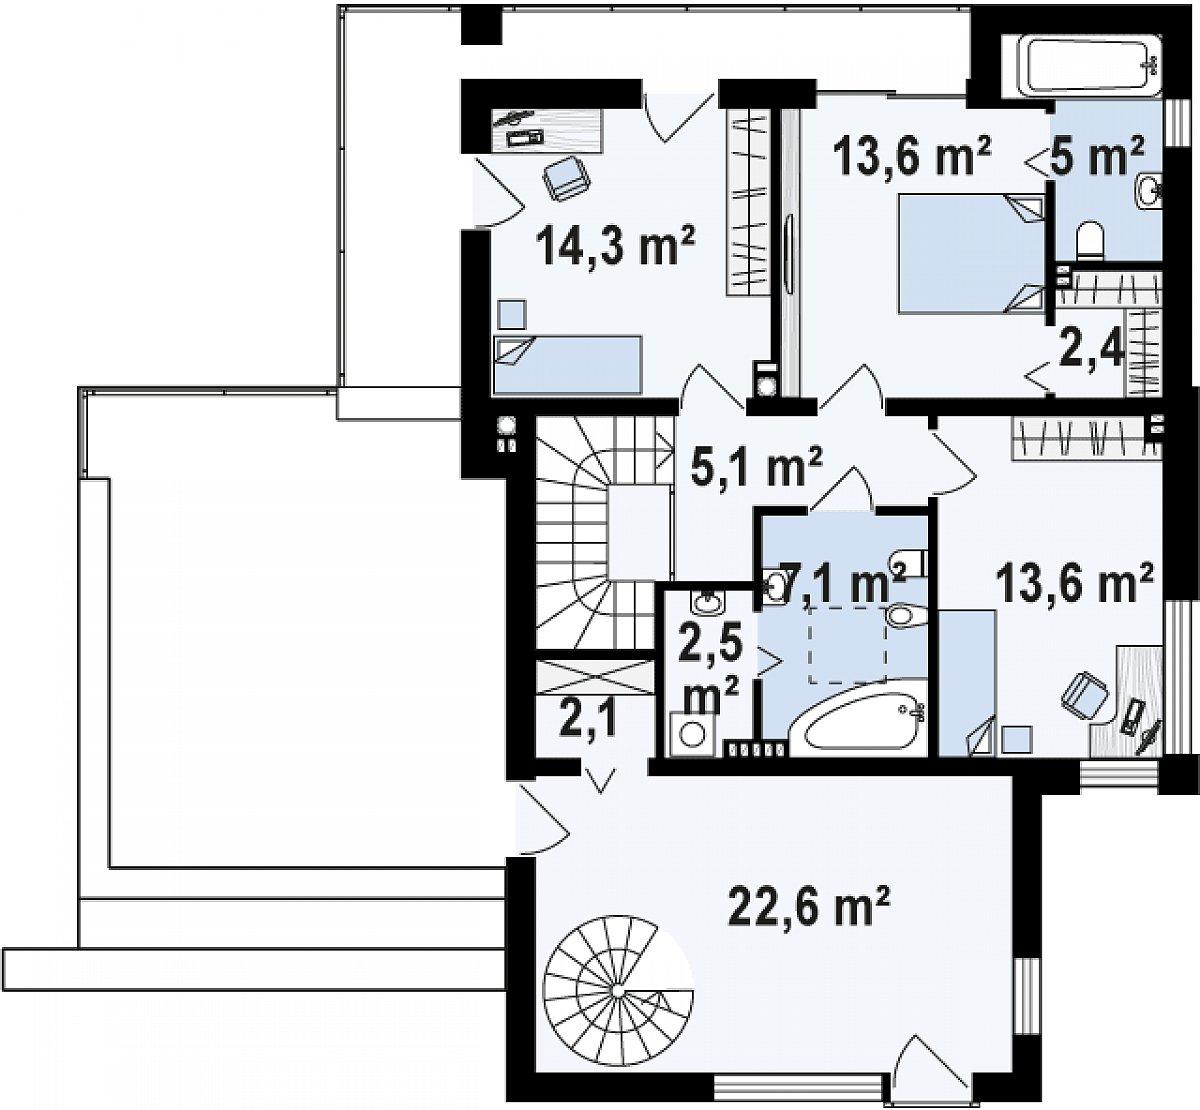 Второй этаж 88,4м² дома Zx64